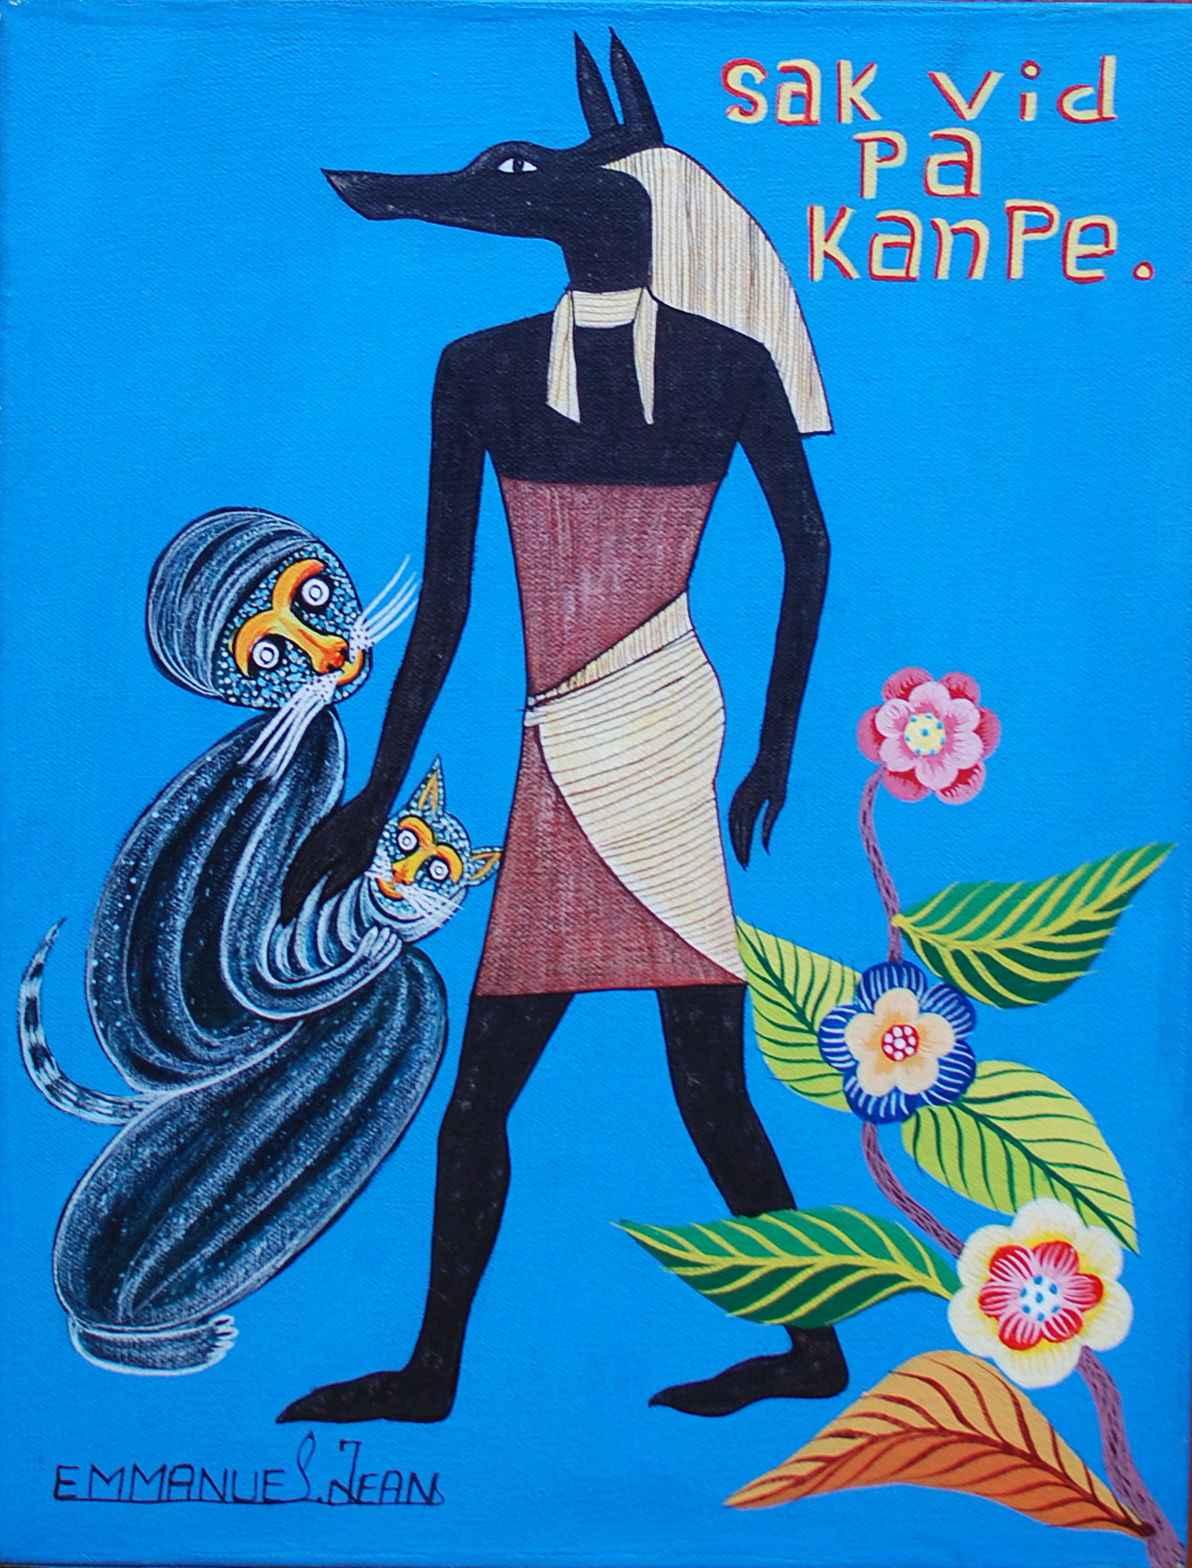 Sak vid pa kanpe by  Jean EMMANUEL - Masterpiece Online